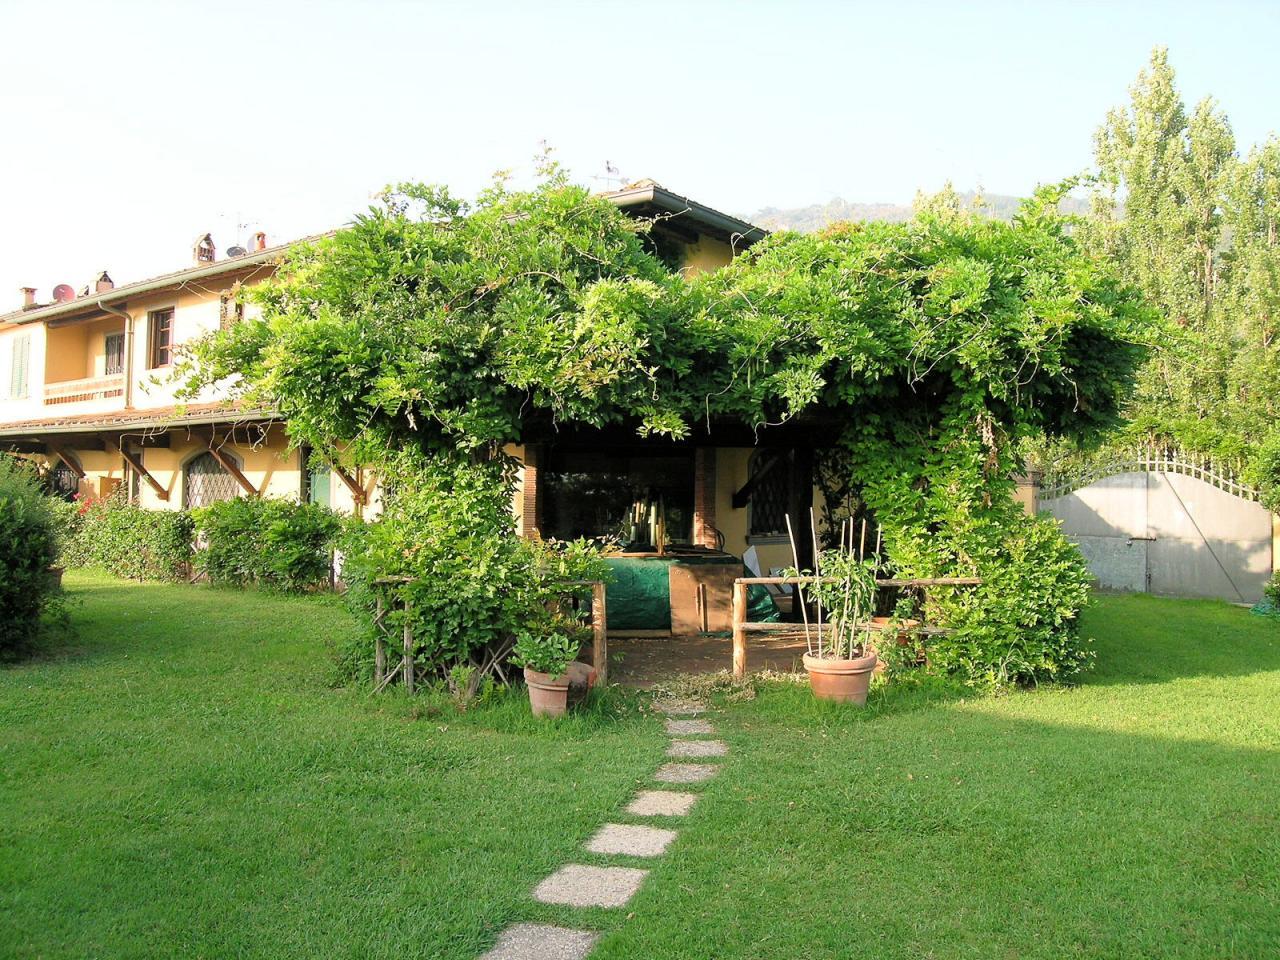 Villa in vendita a Massarosa, 10 locali, zona Località: PianodiMommio, prezzo € 890.000 | Cambio Casa.it